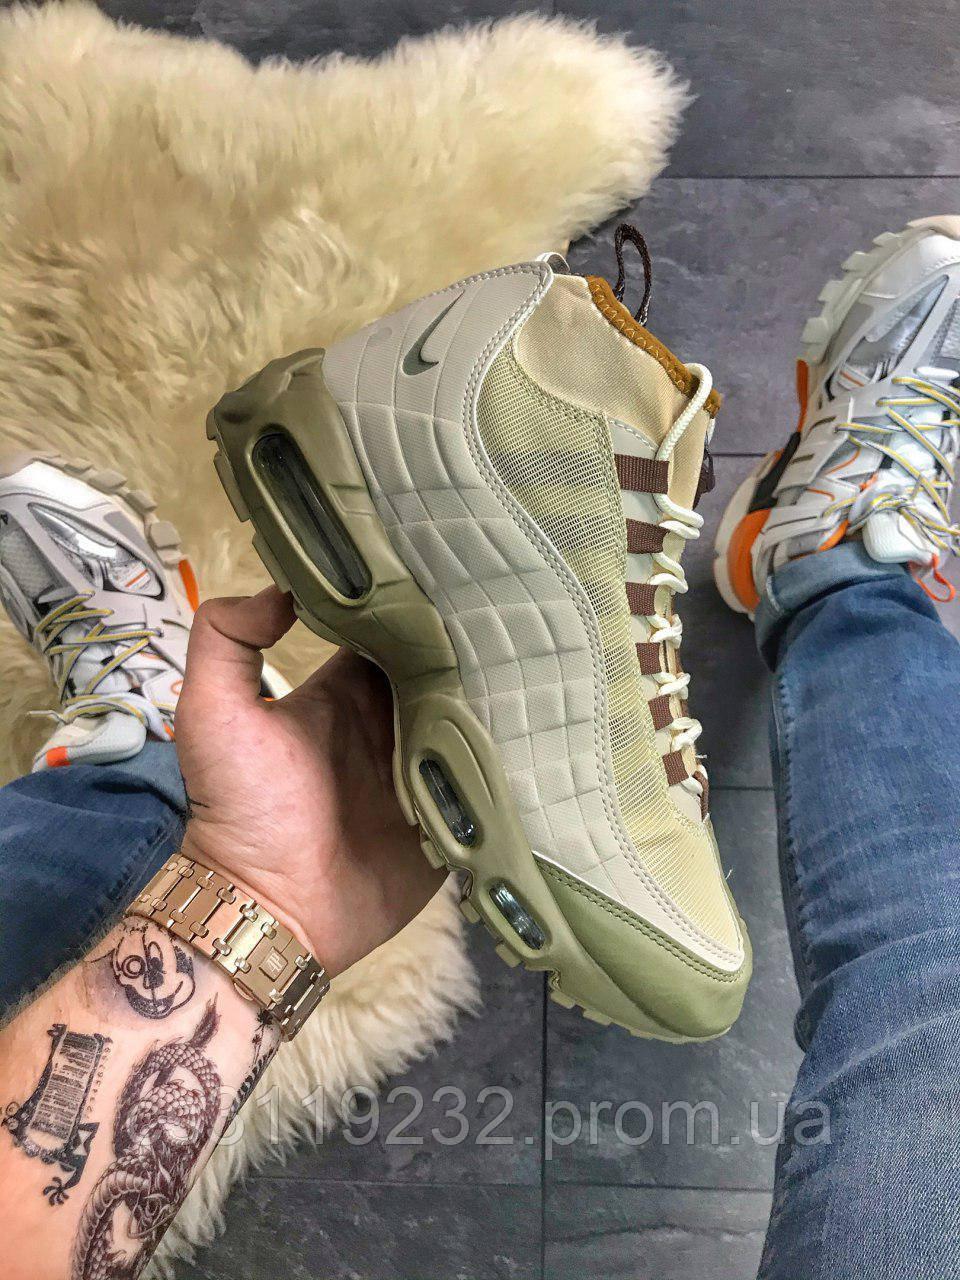 Чоловічі кросівки (еврозима) Nike Air Max 95 Sneakerboot Green (зелений)